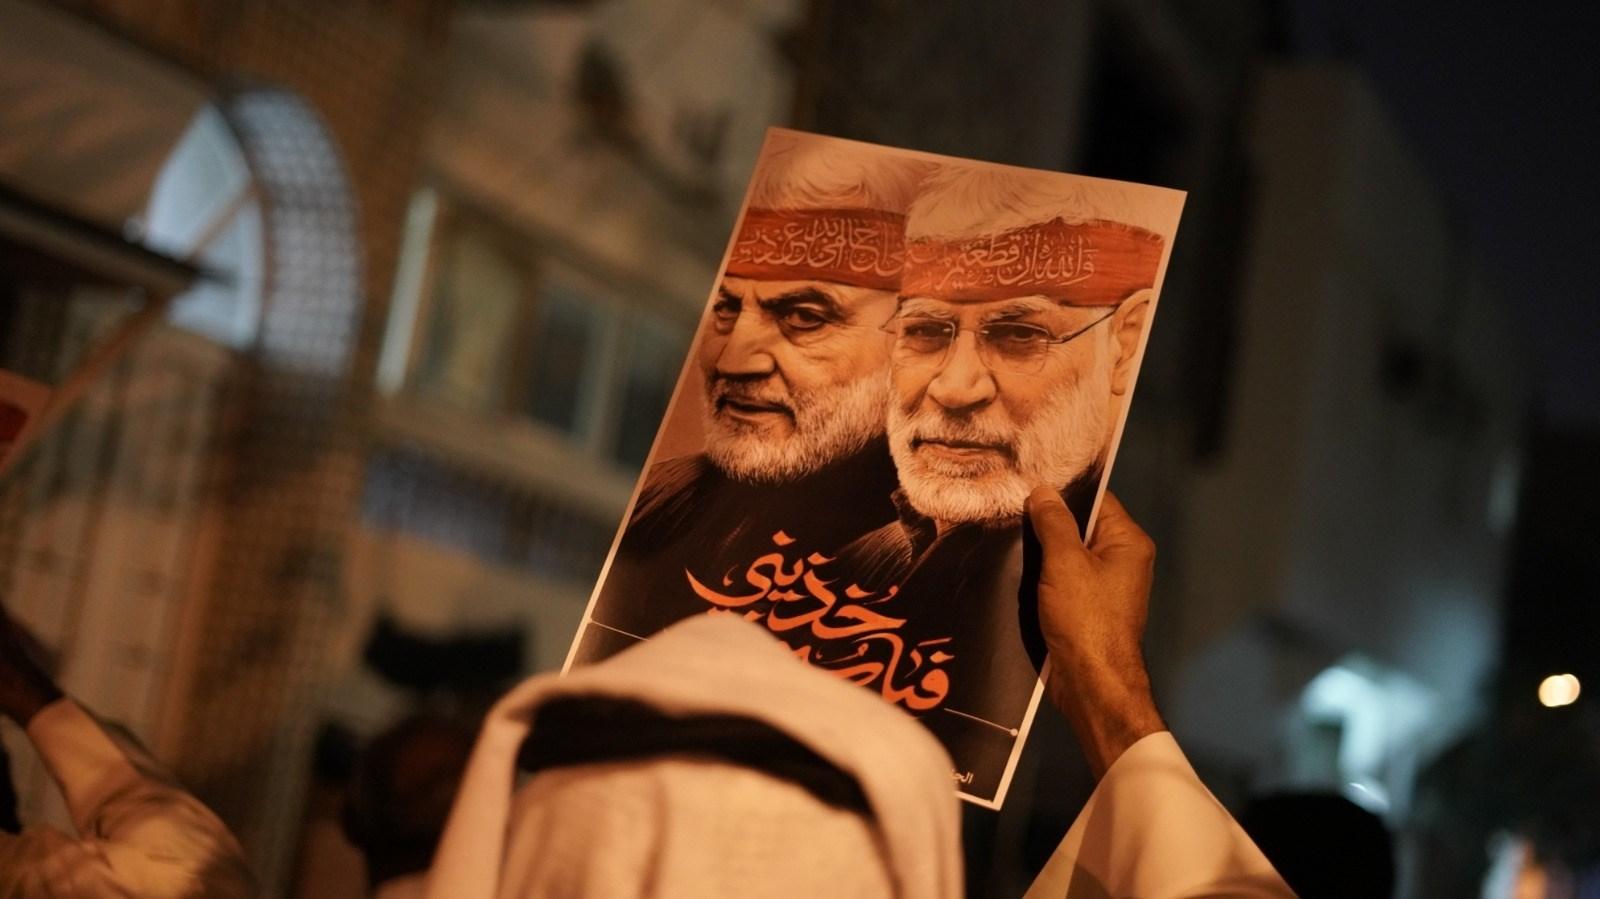 حمل المشاركون البحرينيون صور الشهداء ورددوا شعارات تدعو إلى الانتقام من الجناة